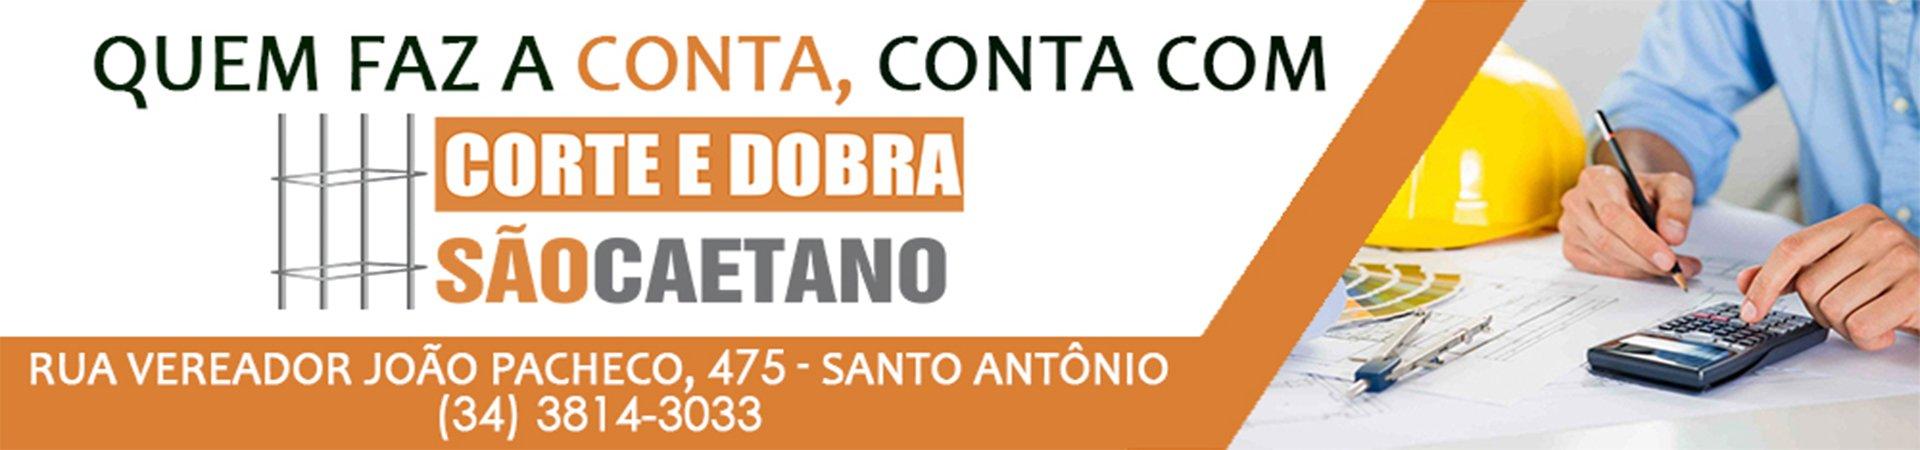 Corte e Dobra São Caetano - Patos de Minas - MG